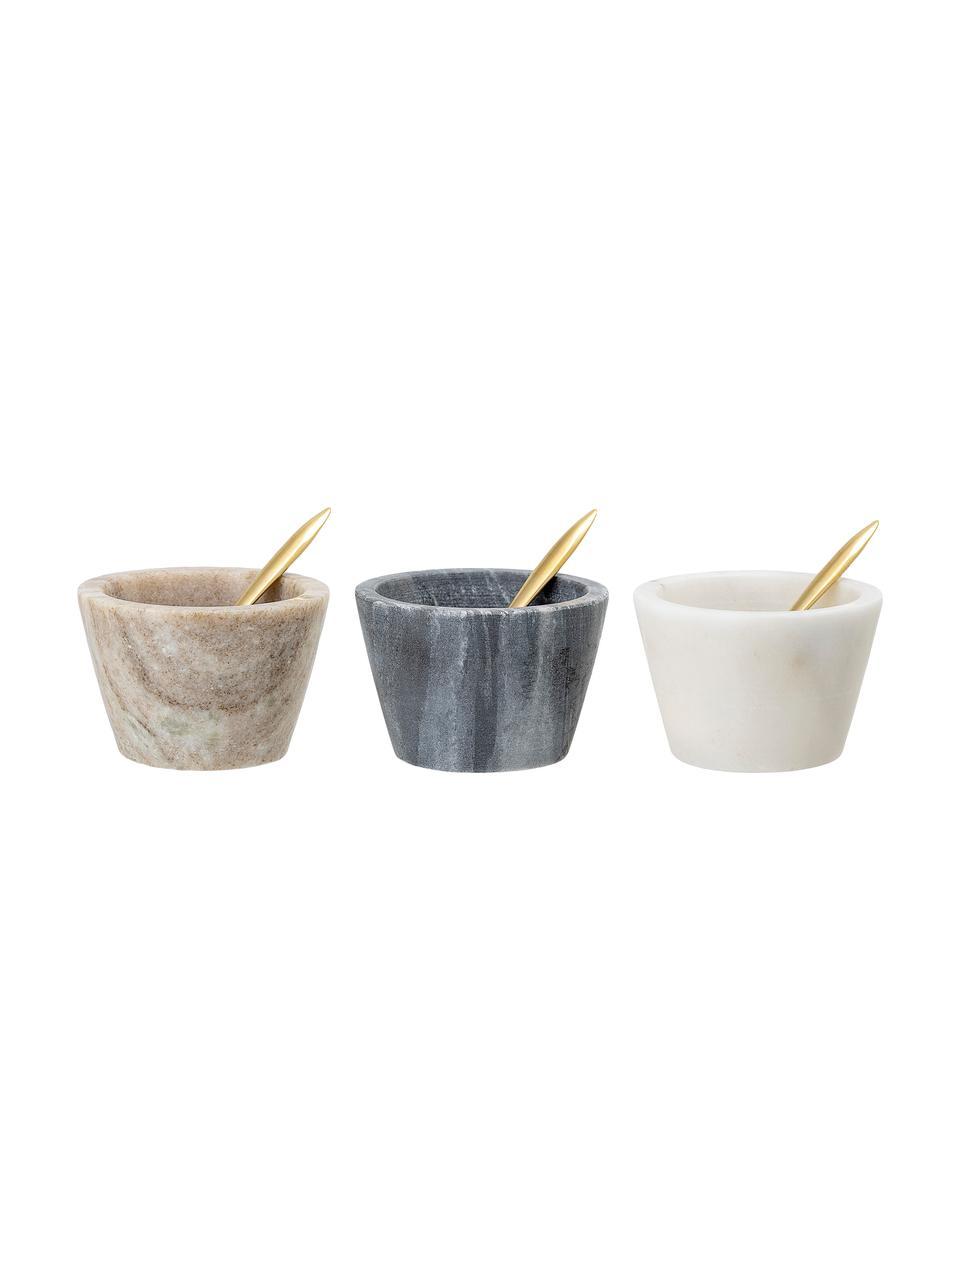 Komplet miseczek z marmuru z łyżeczkami Janina, 3 elem., Wielobarwny, Ø 8 x W 5 cm